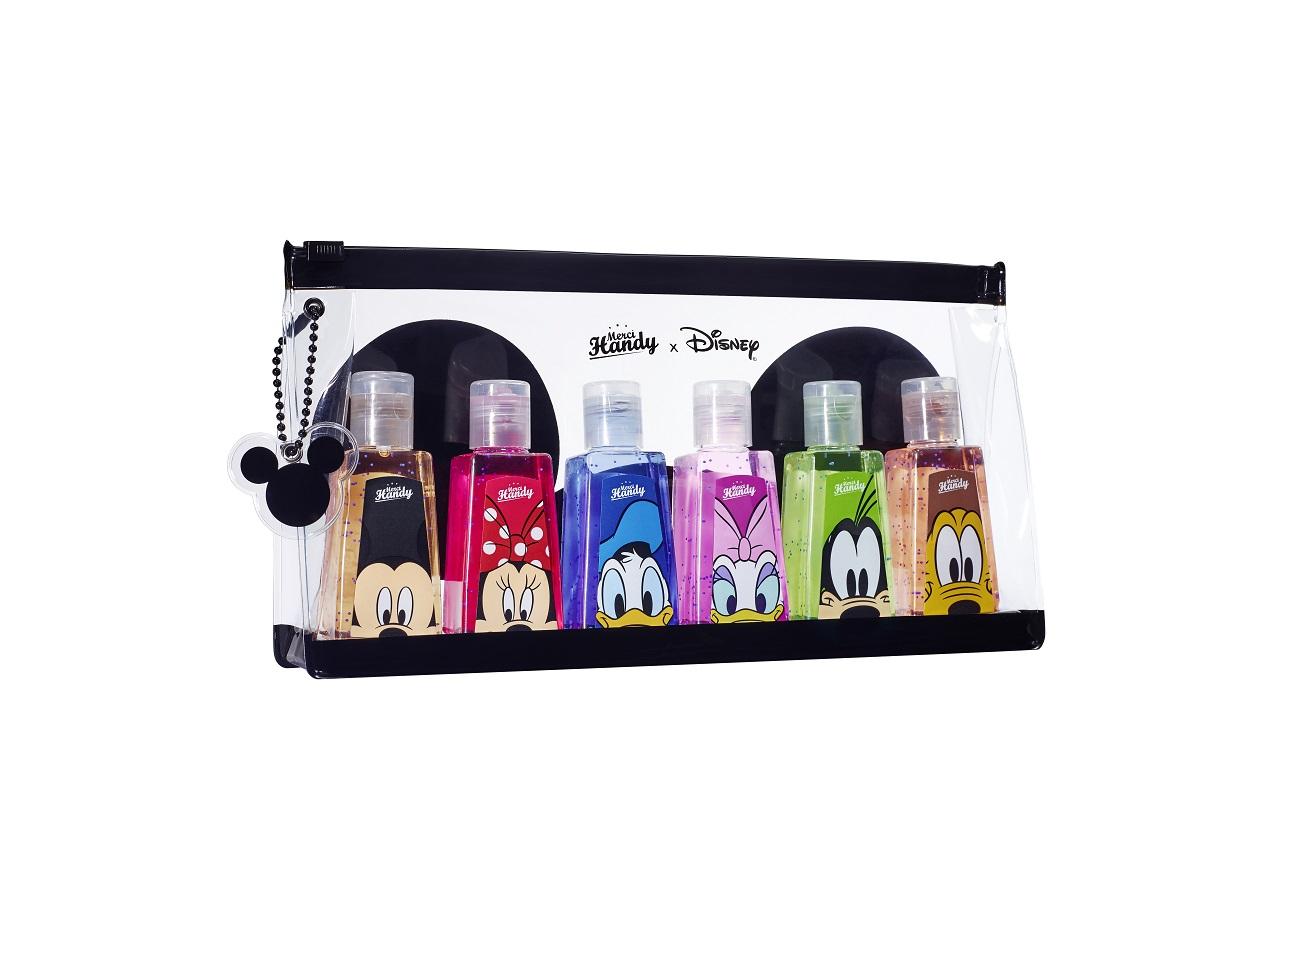 Kit di disinfettanti per mani, Merci Handy x Disney (in vendita da Sephora)